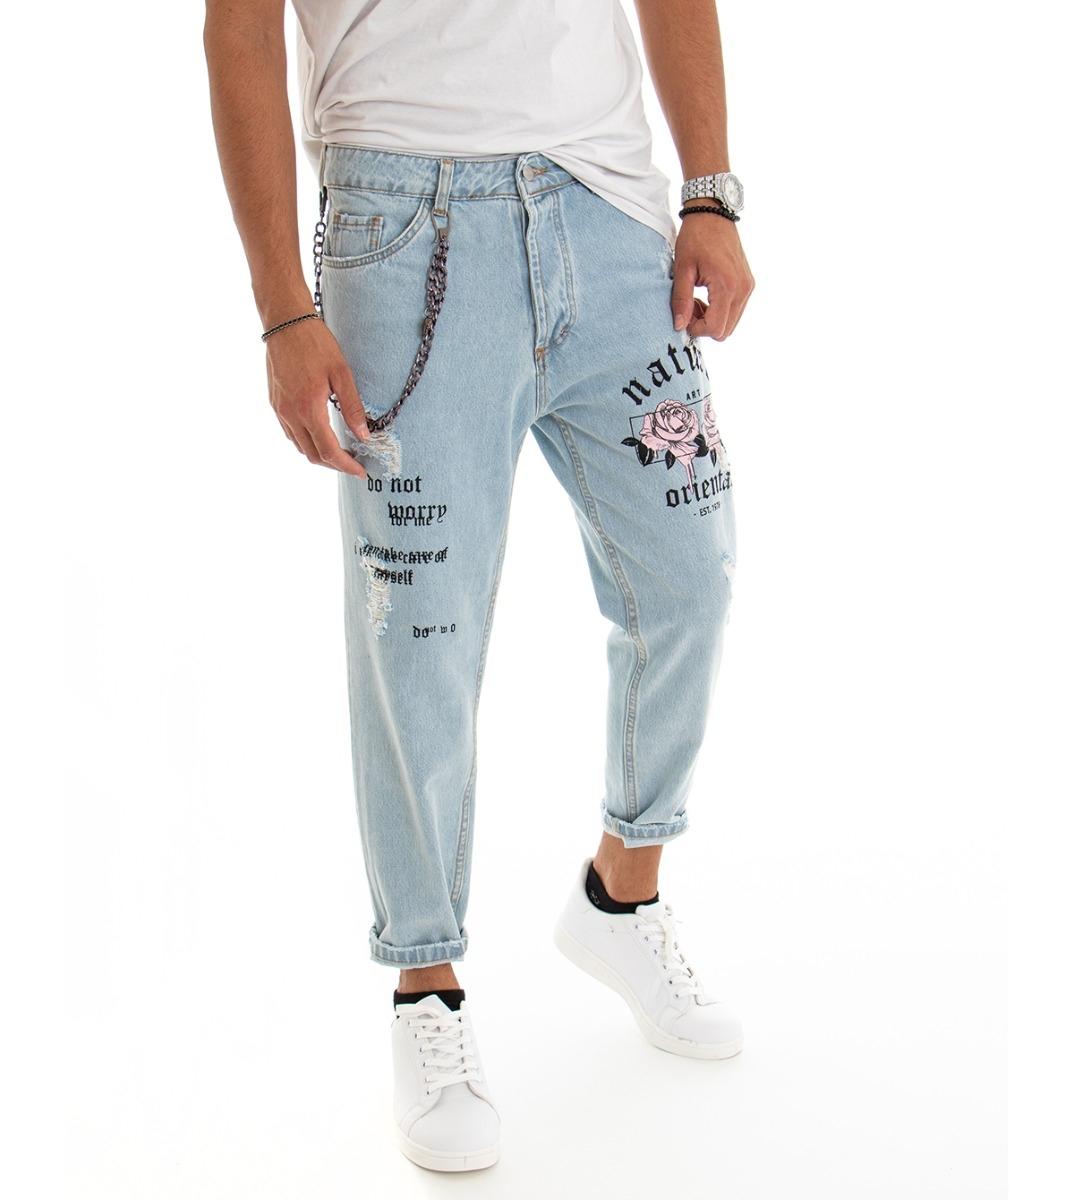 Pantalone Uomo Lungo Jeans Denim Chiaro Rotture Stampe Scritte Rosa Cavallo Basso GIOSAL